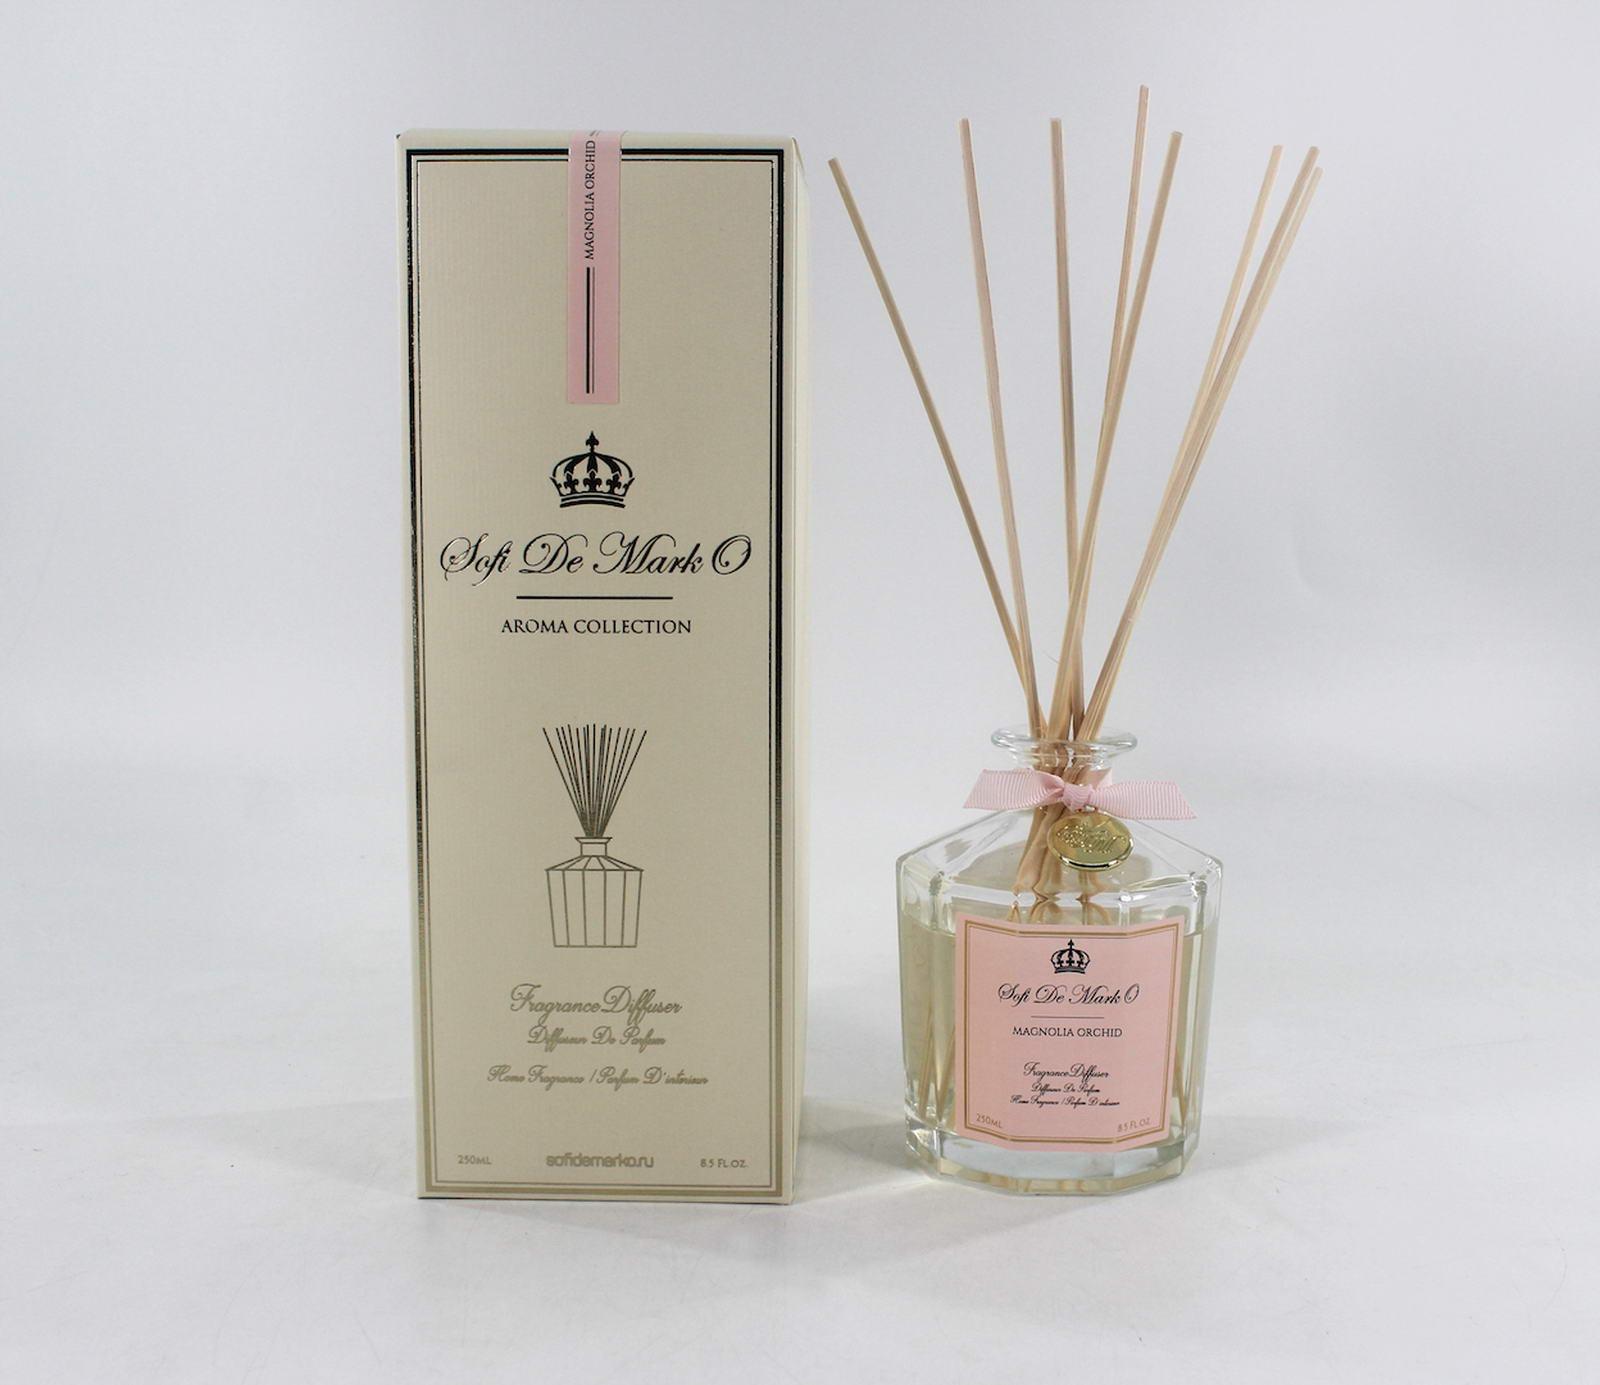 ДиффузорароматическийМагнолия и орхидея 250млАр-№12-250млВ комплект с аромамаслом входят 8 палочек, при впитывании в них масла, комната будет наполняться нежным облаком аромата. Аромат: орхидея, магнолия, морская бриз Объем: 250мл. Упаковка: подарочная коробка